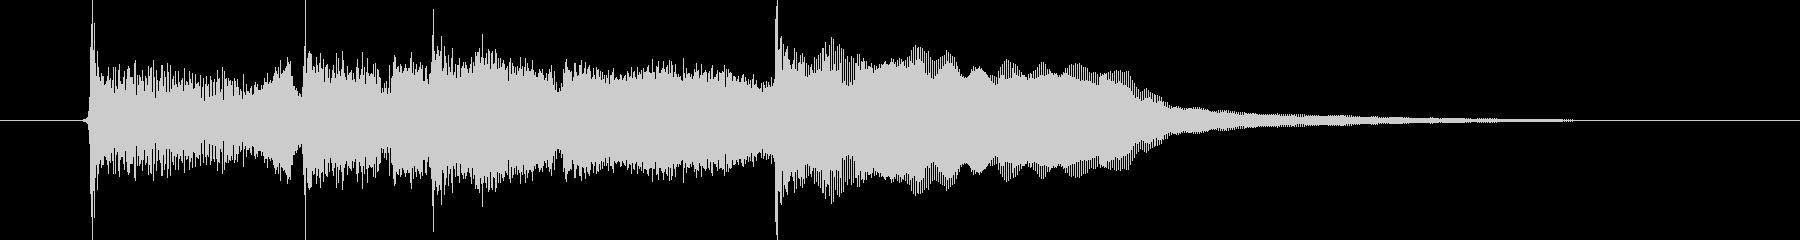 落ち着いたリラクゼーションの音楽の未再生の波形